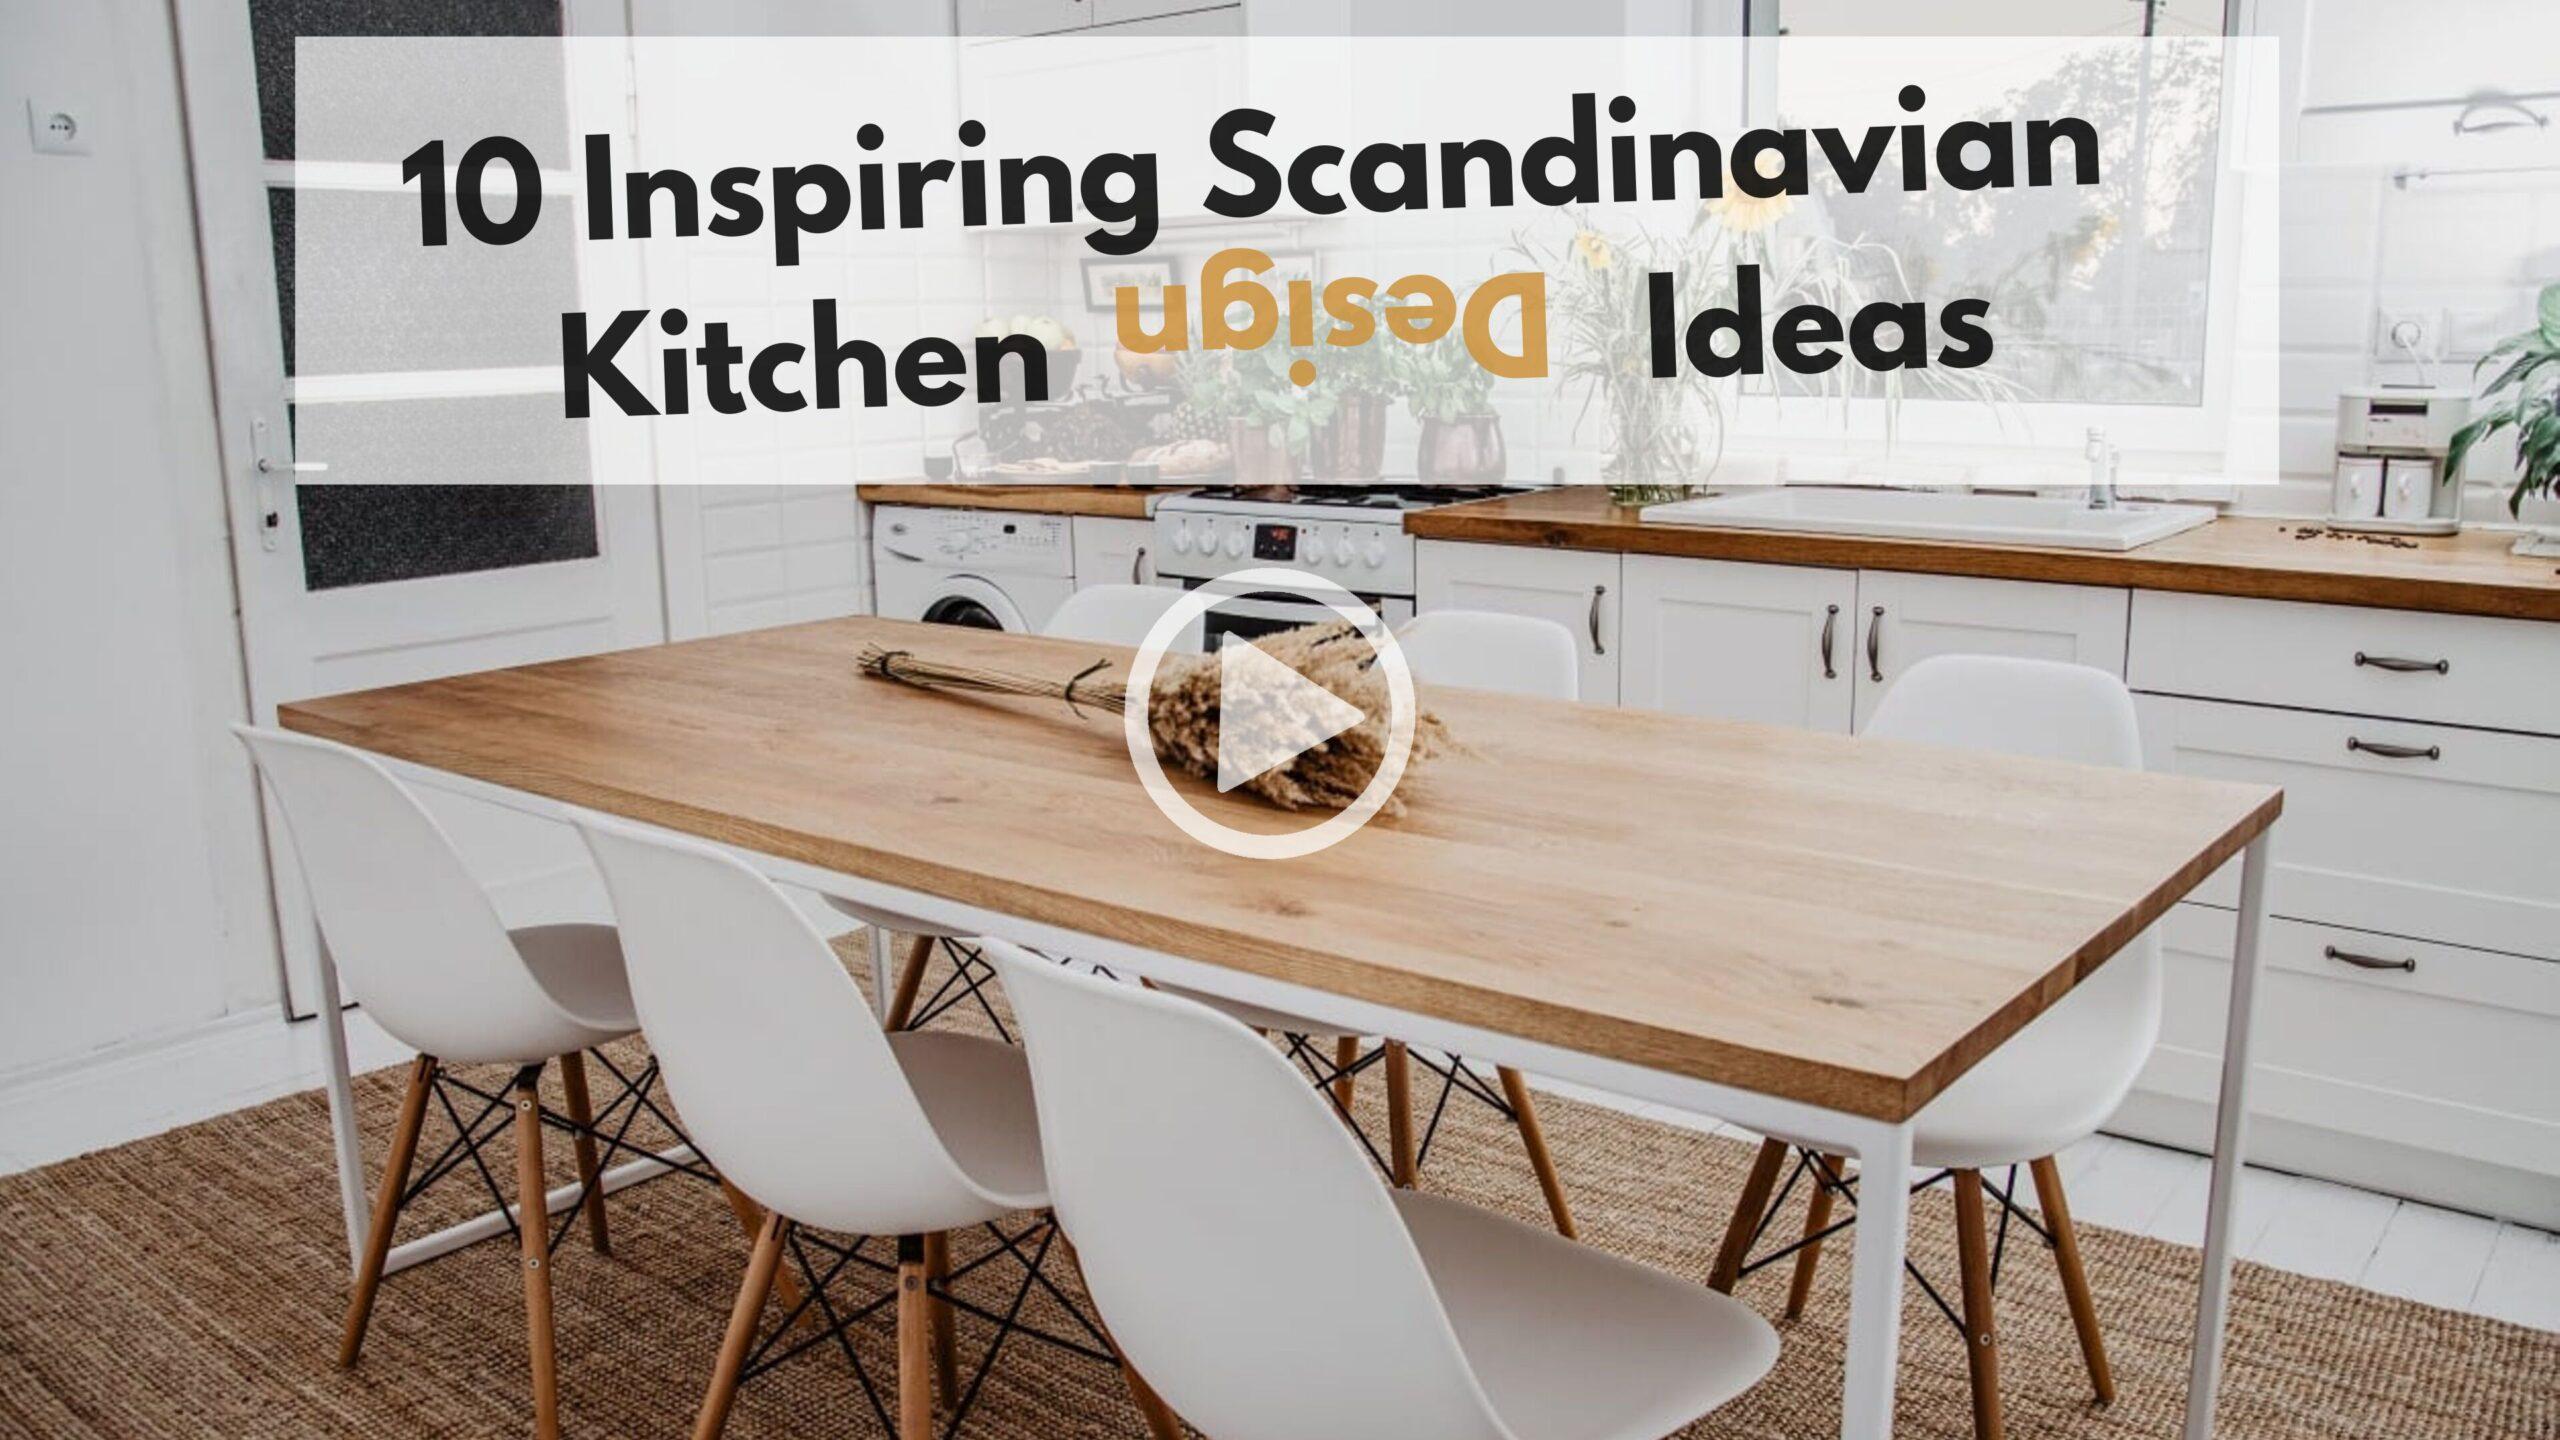 10 Inspiring Scandinavian Kitchen Design Ideas Skandinavisk Mobeldesign